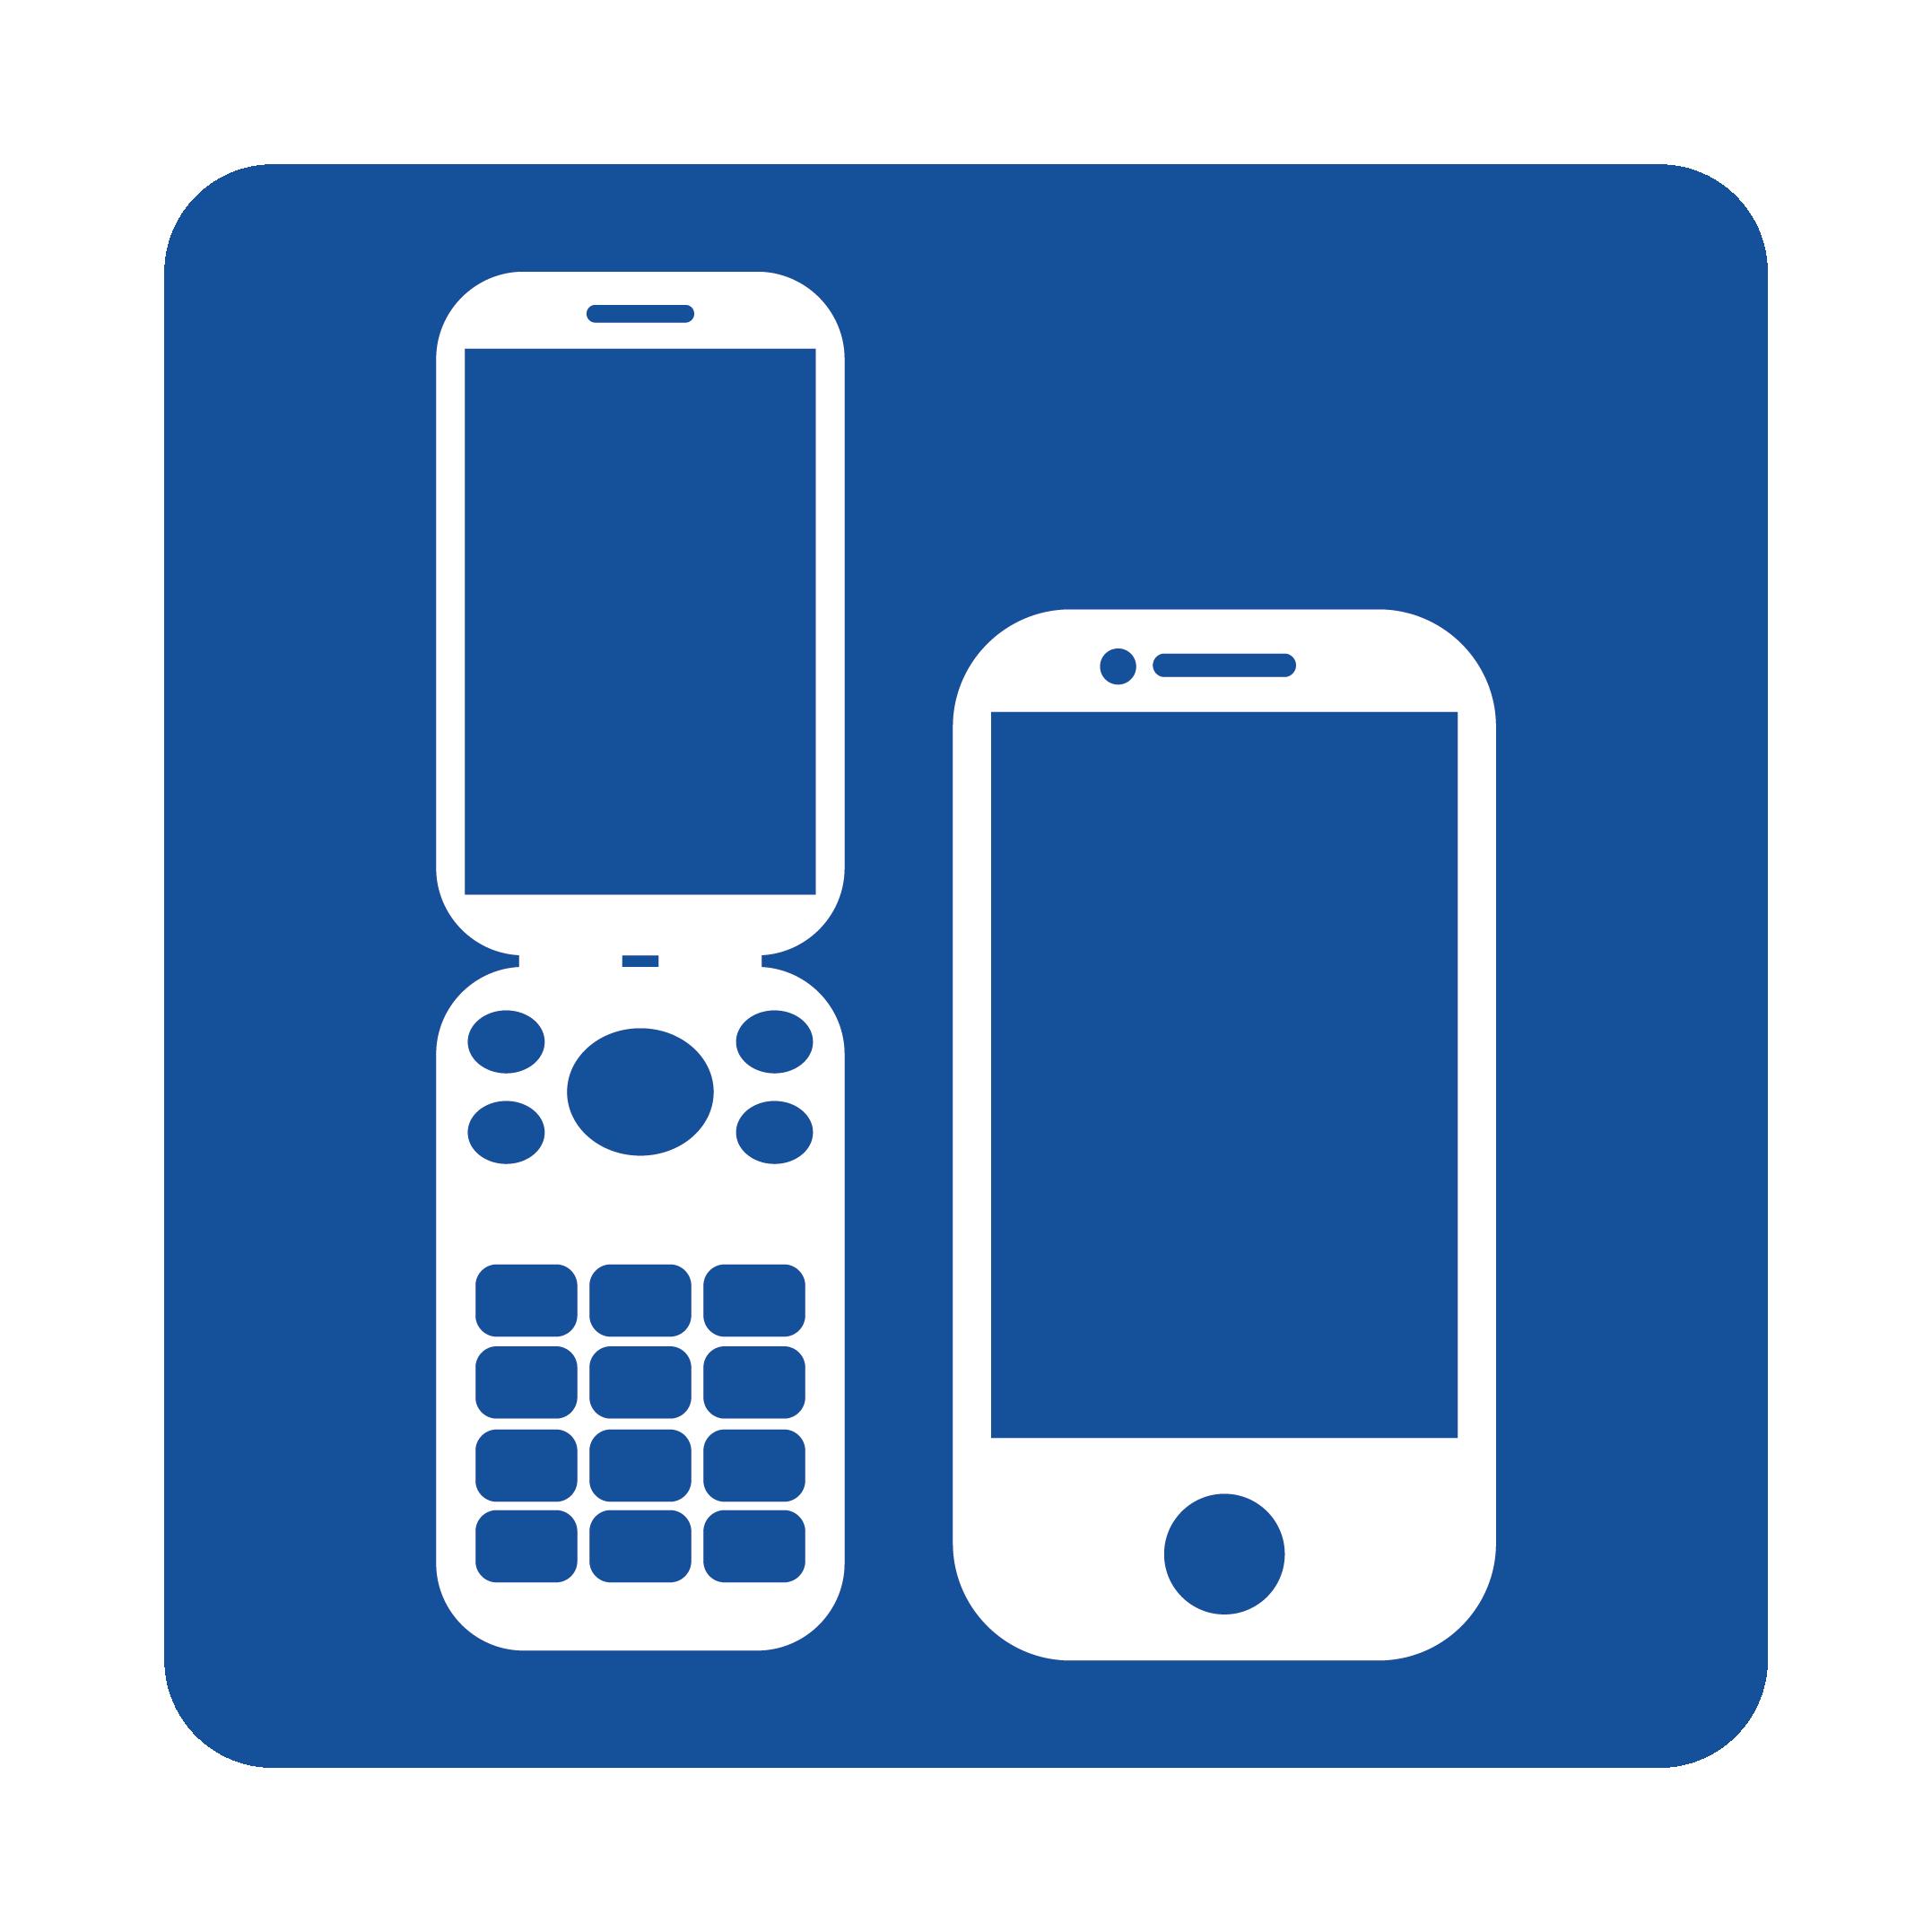 携帯電話のマークのイラスト 商用フリー無料のイラスト素材なら